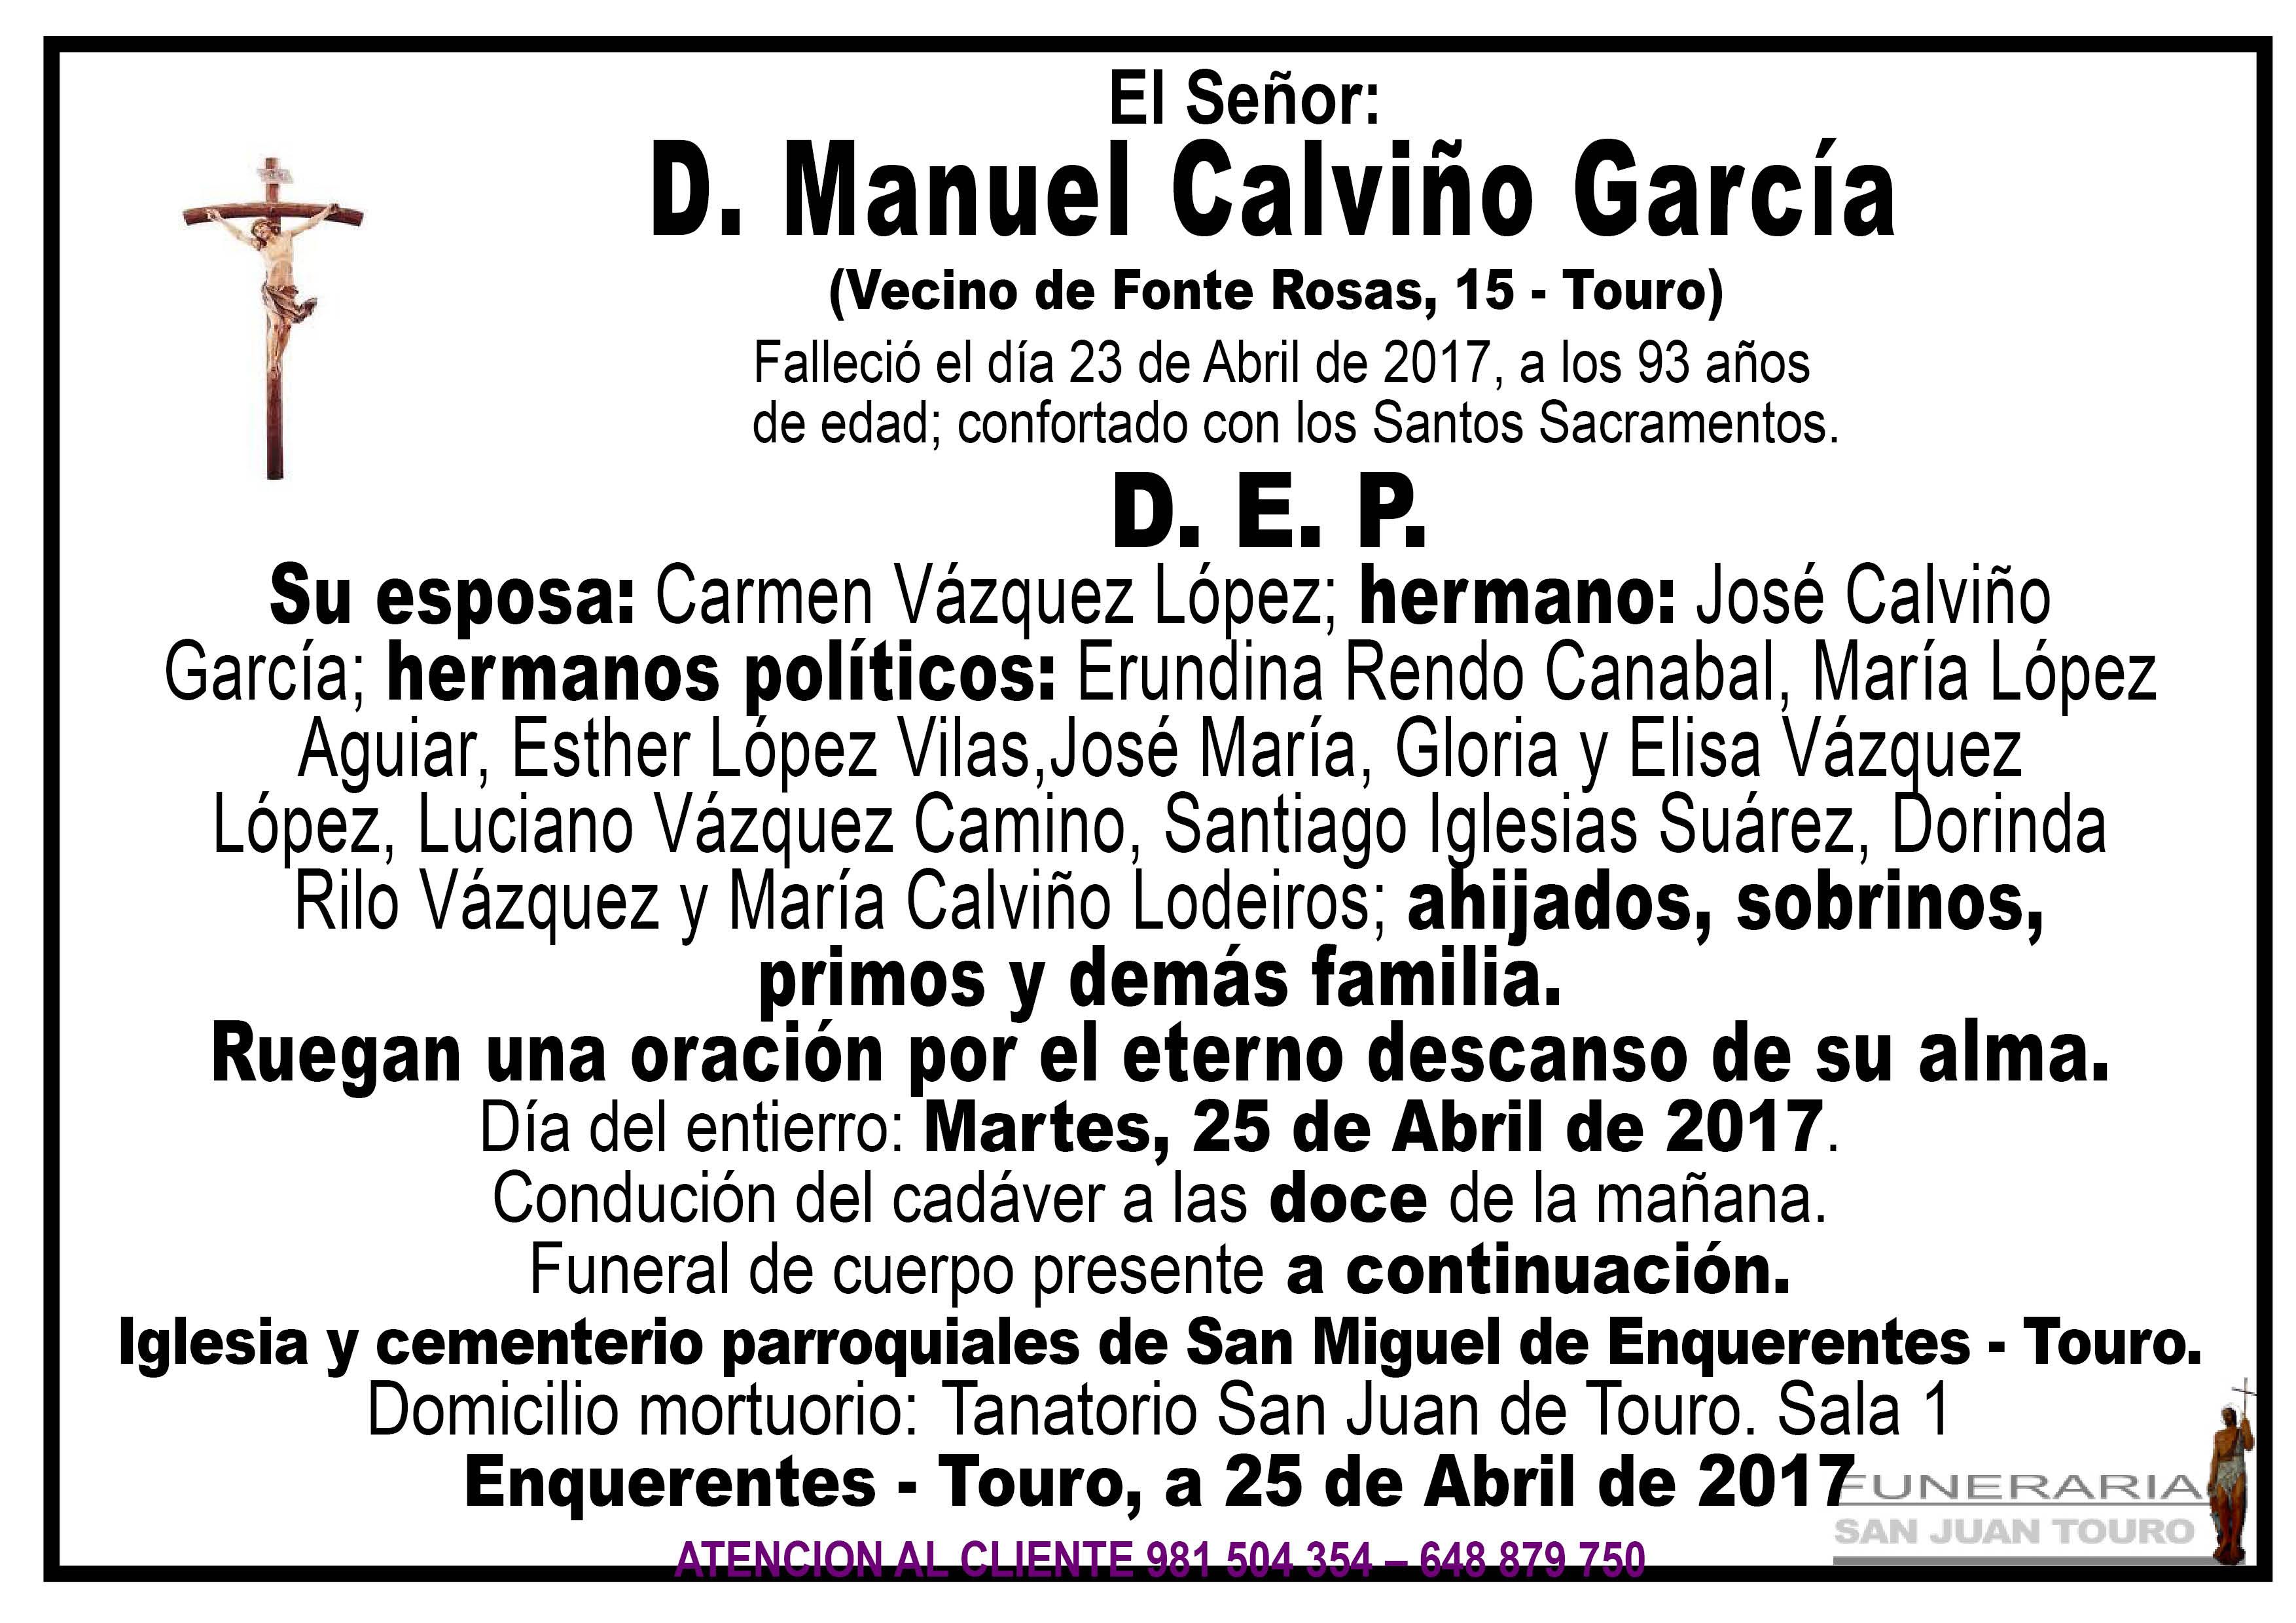 Esquela de SEPELIO D MANUEL CALVIÑO GARCÍA